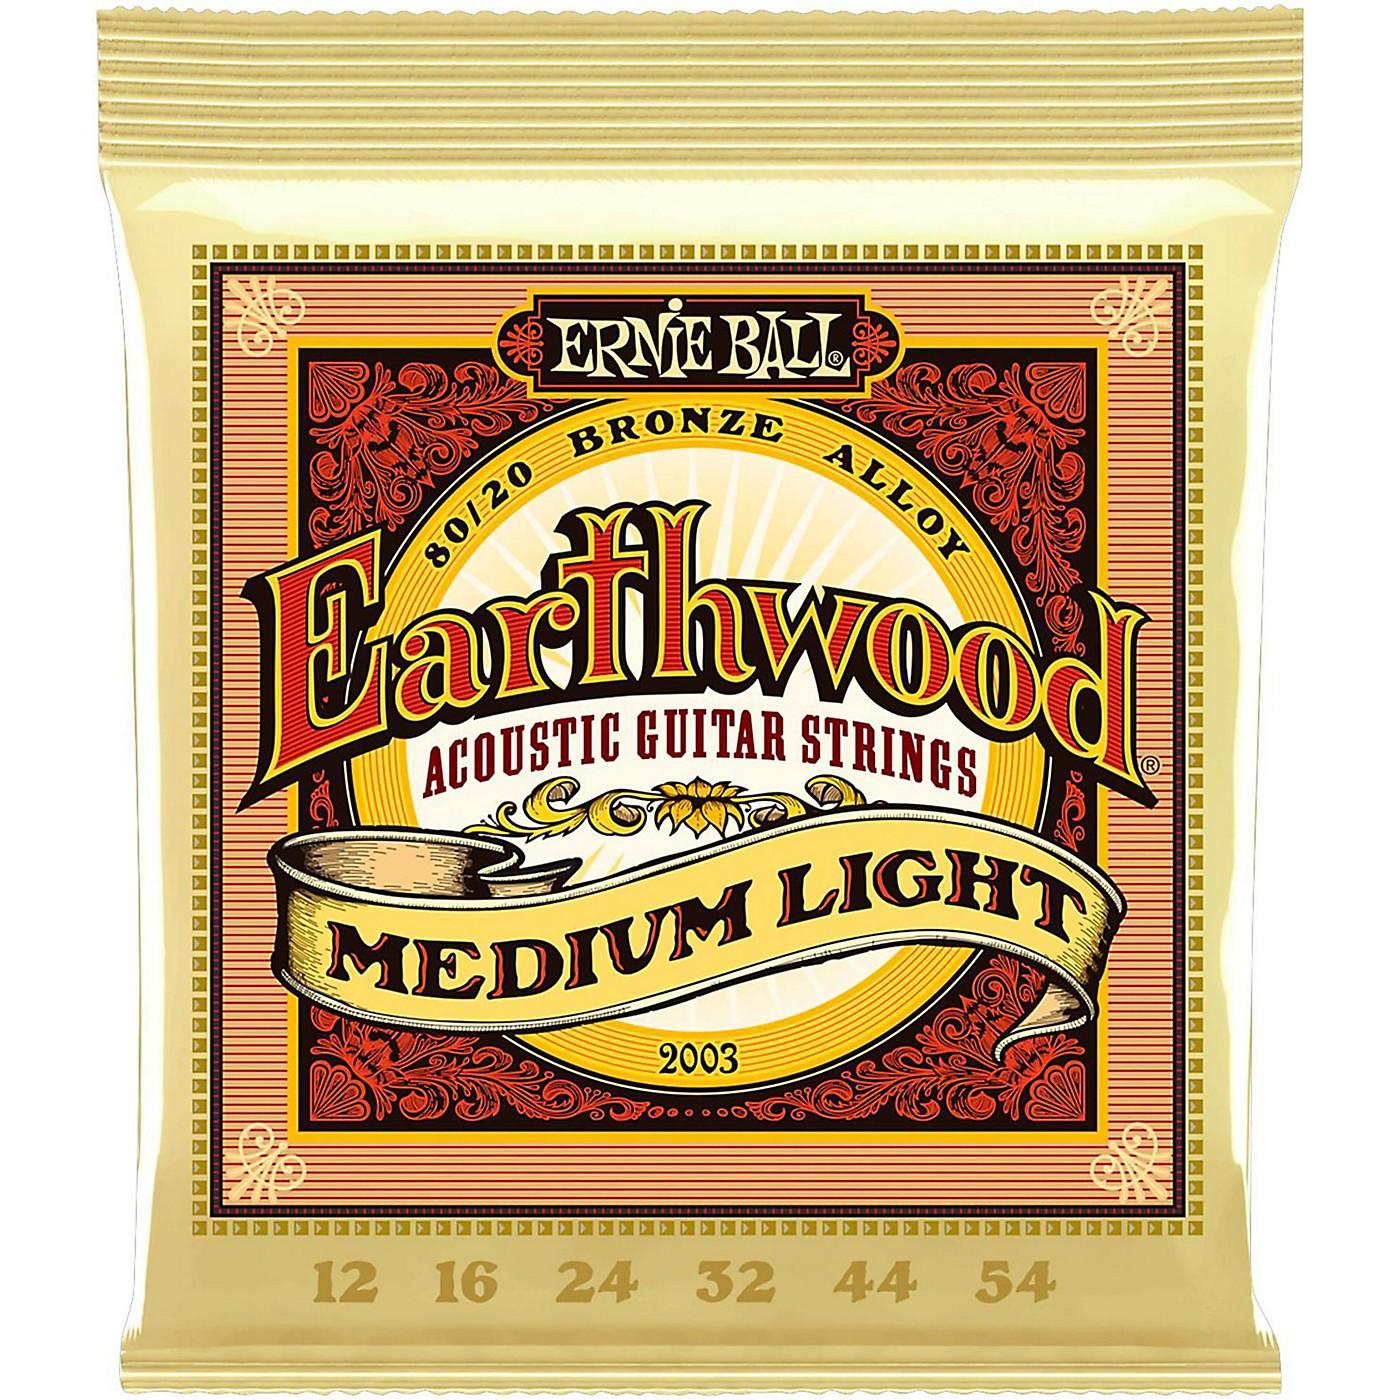 Ernie Ball 2003 Earthwood 80/20 Bronze Medium Light Acoustic Strings thumbnail